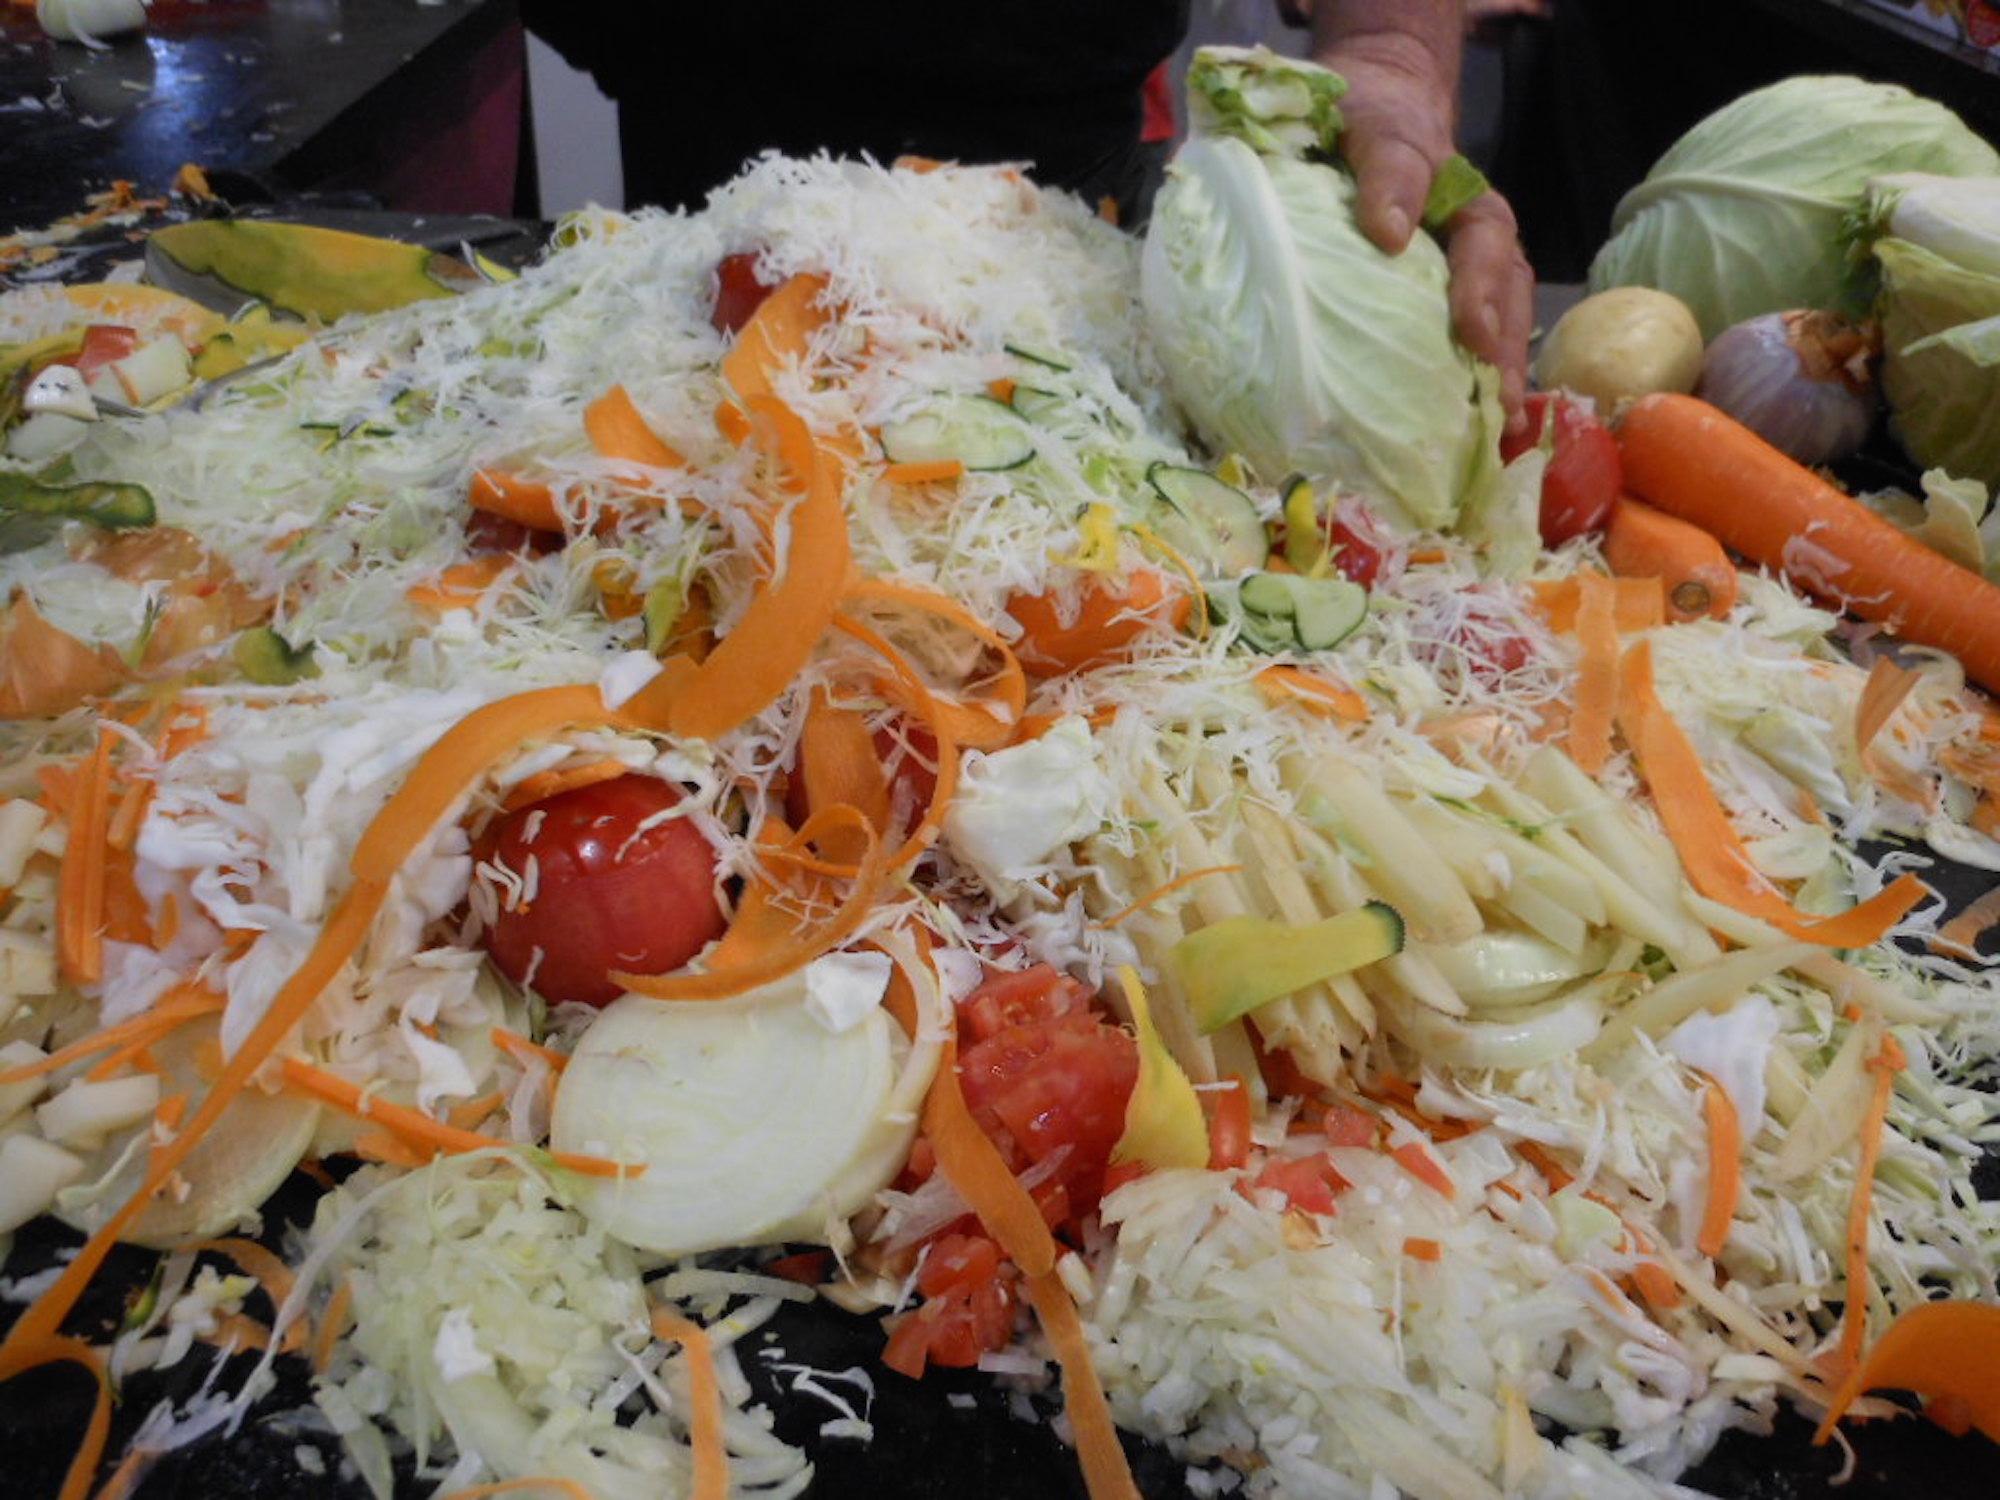 Environmental Club hosts cooking workshop